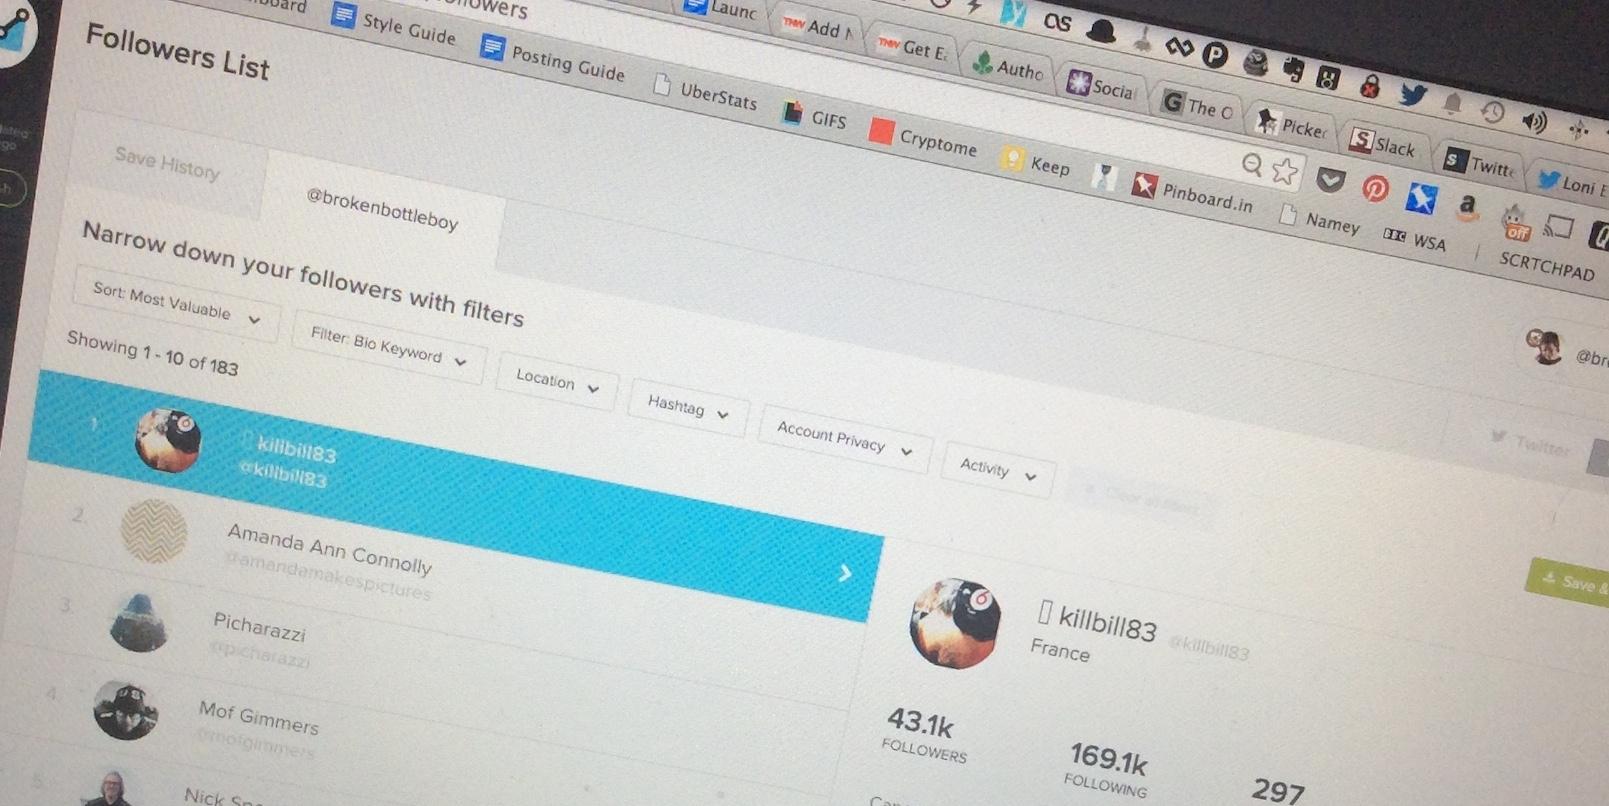 SocialRank Launches Instagram Analytics Tool